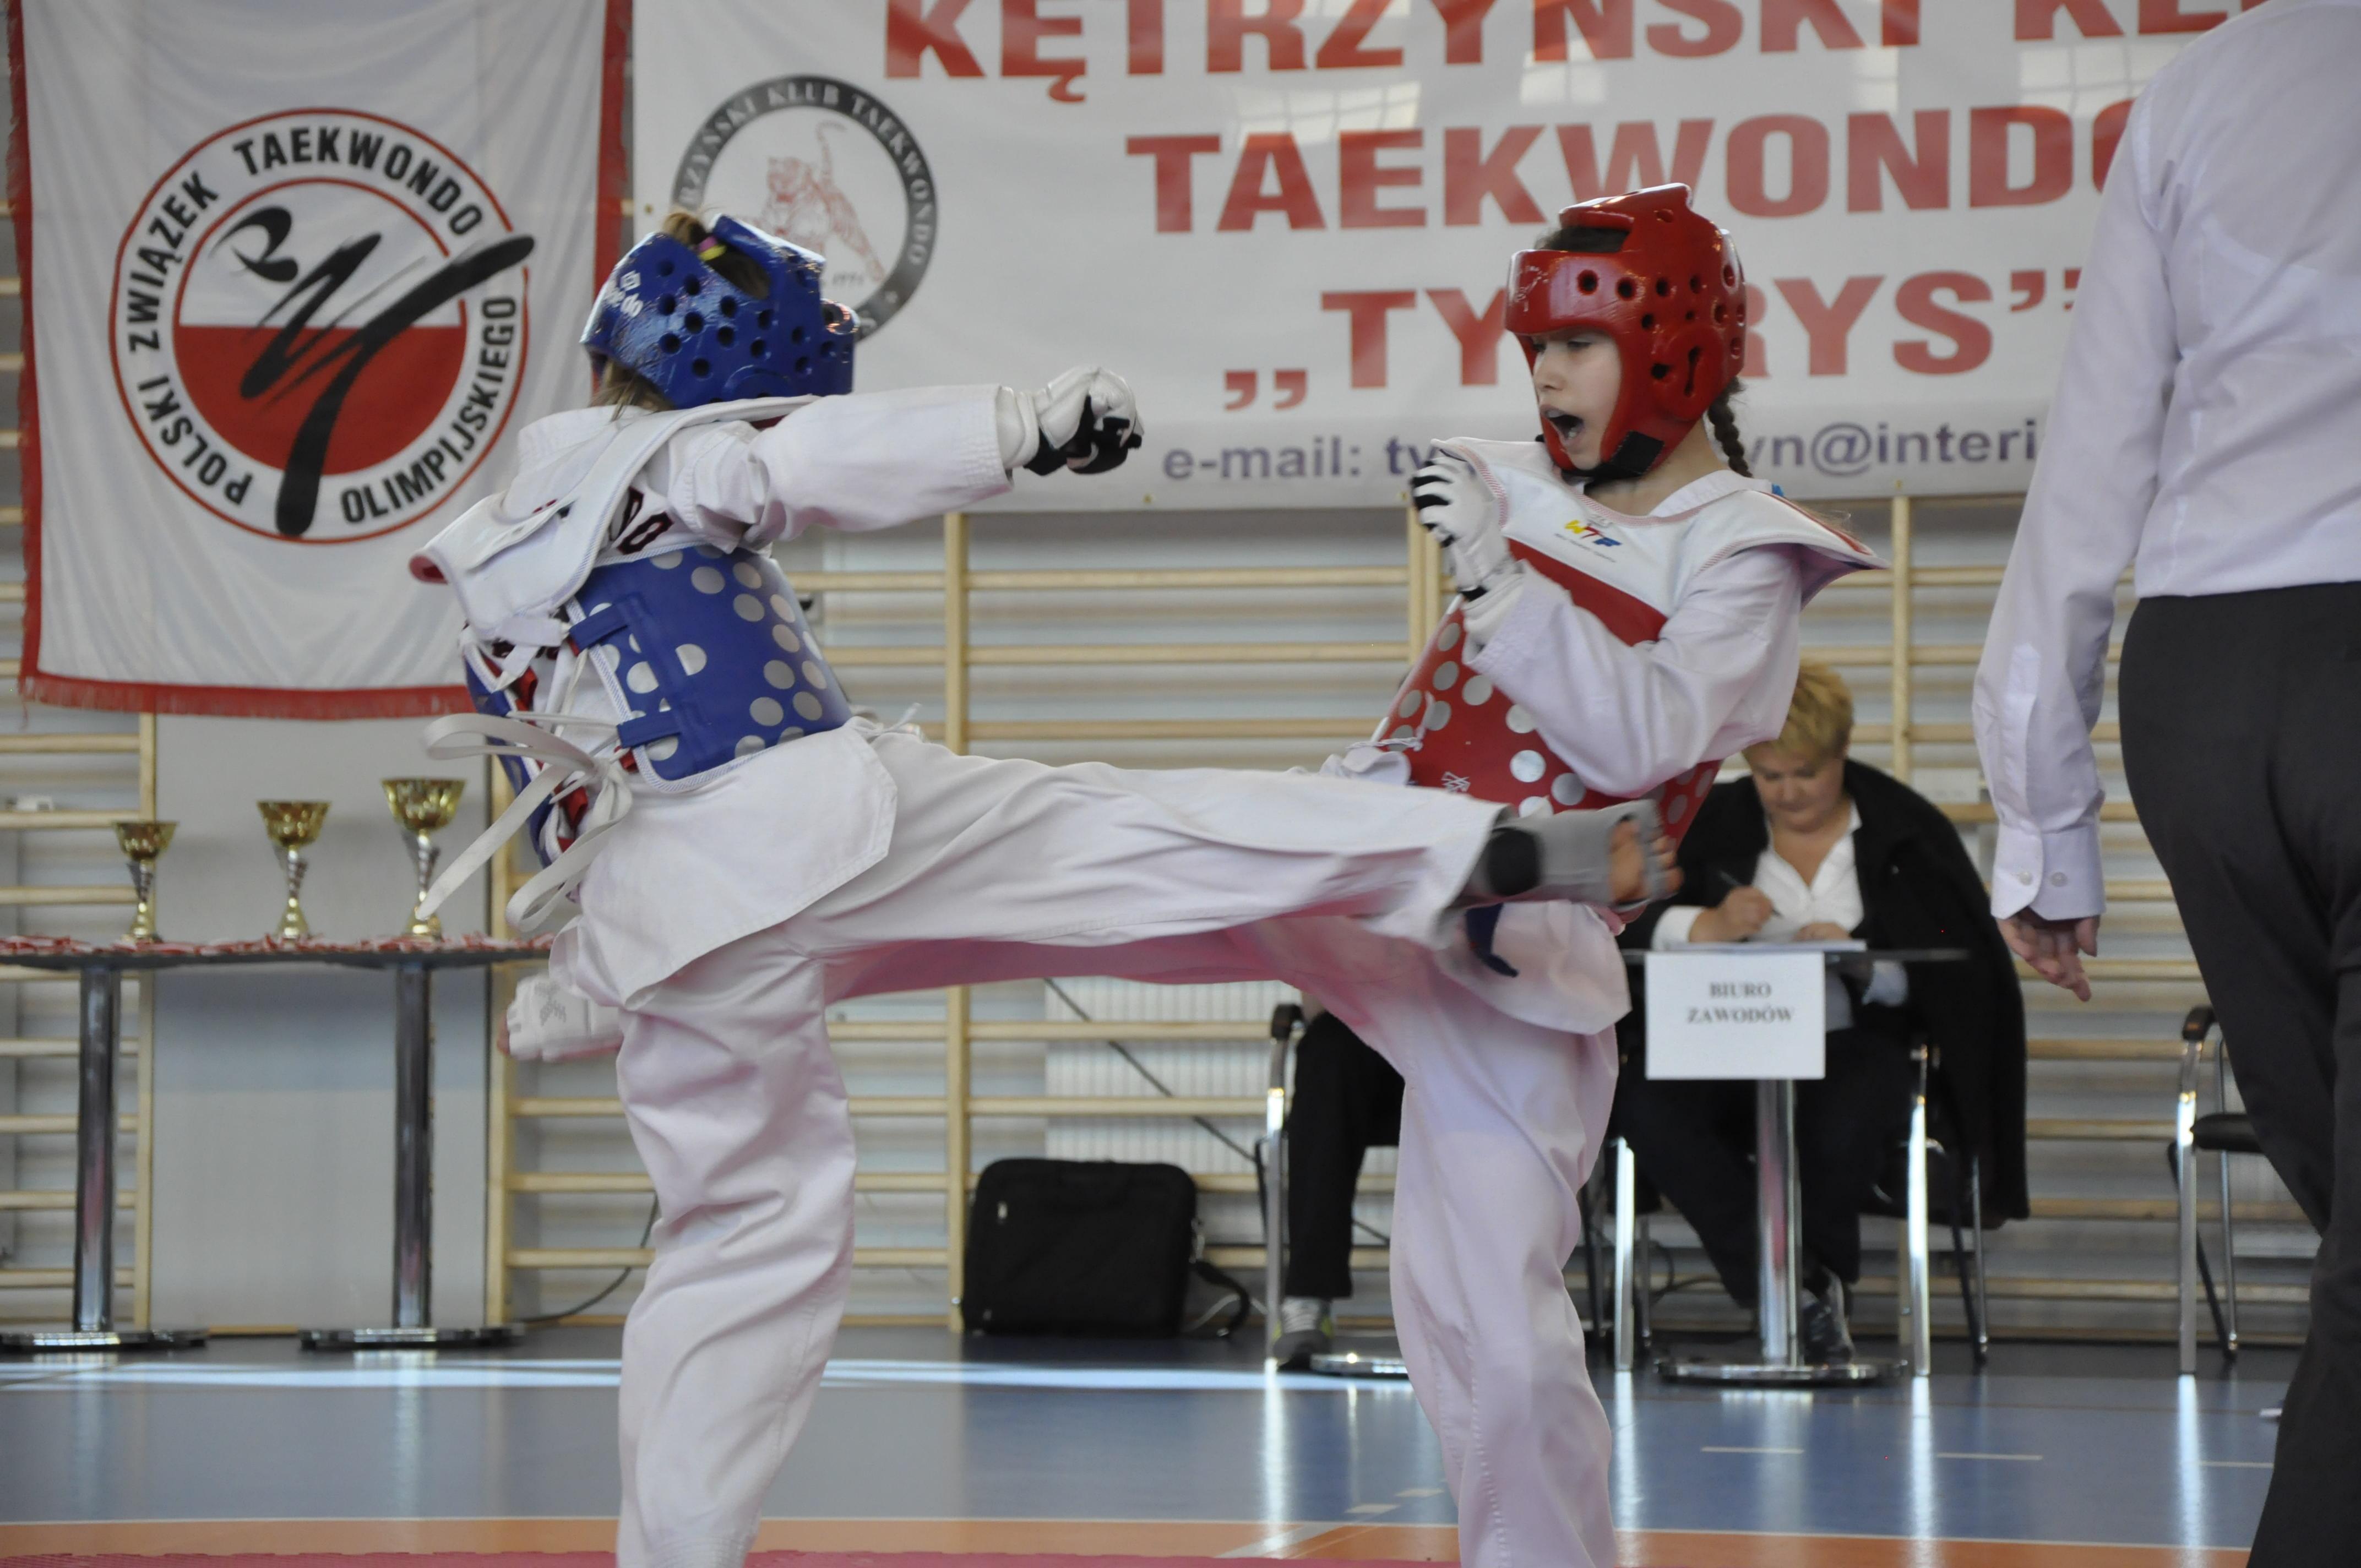 Puchar Warmii i Mazur w Taekwondo Olimpijskim 2015